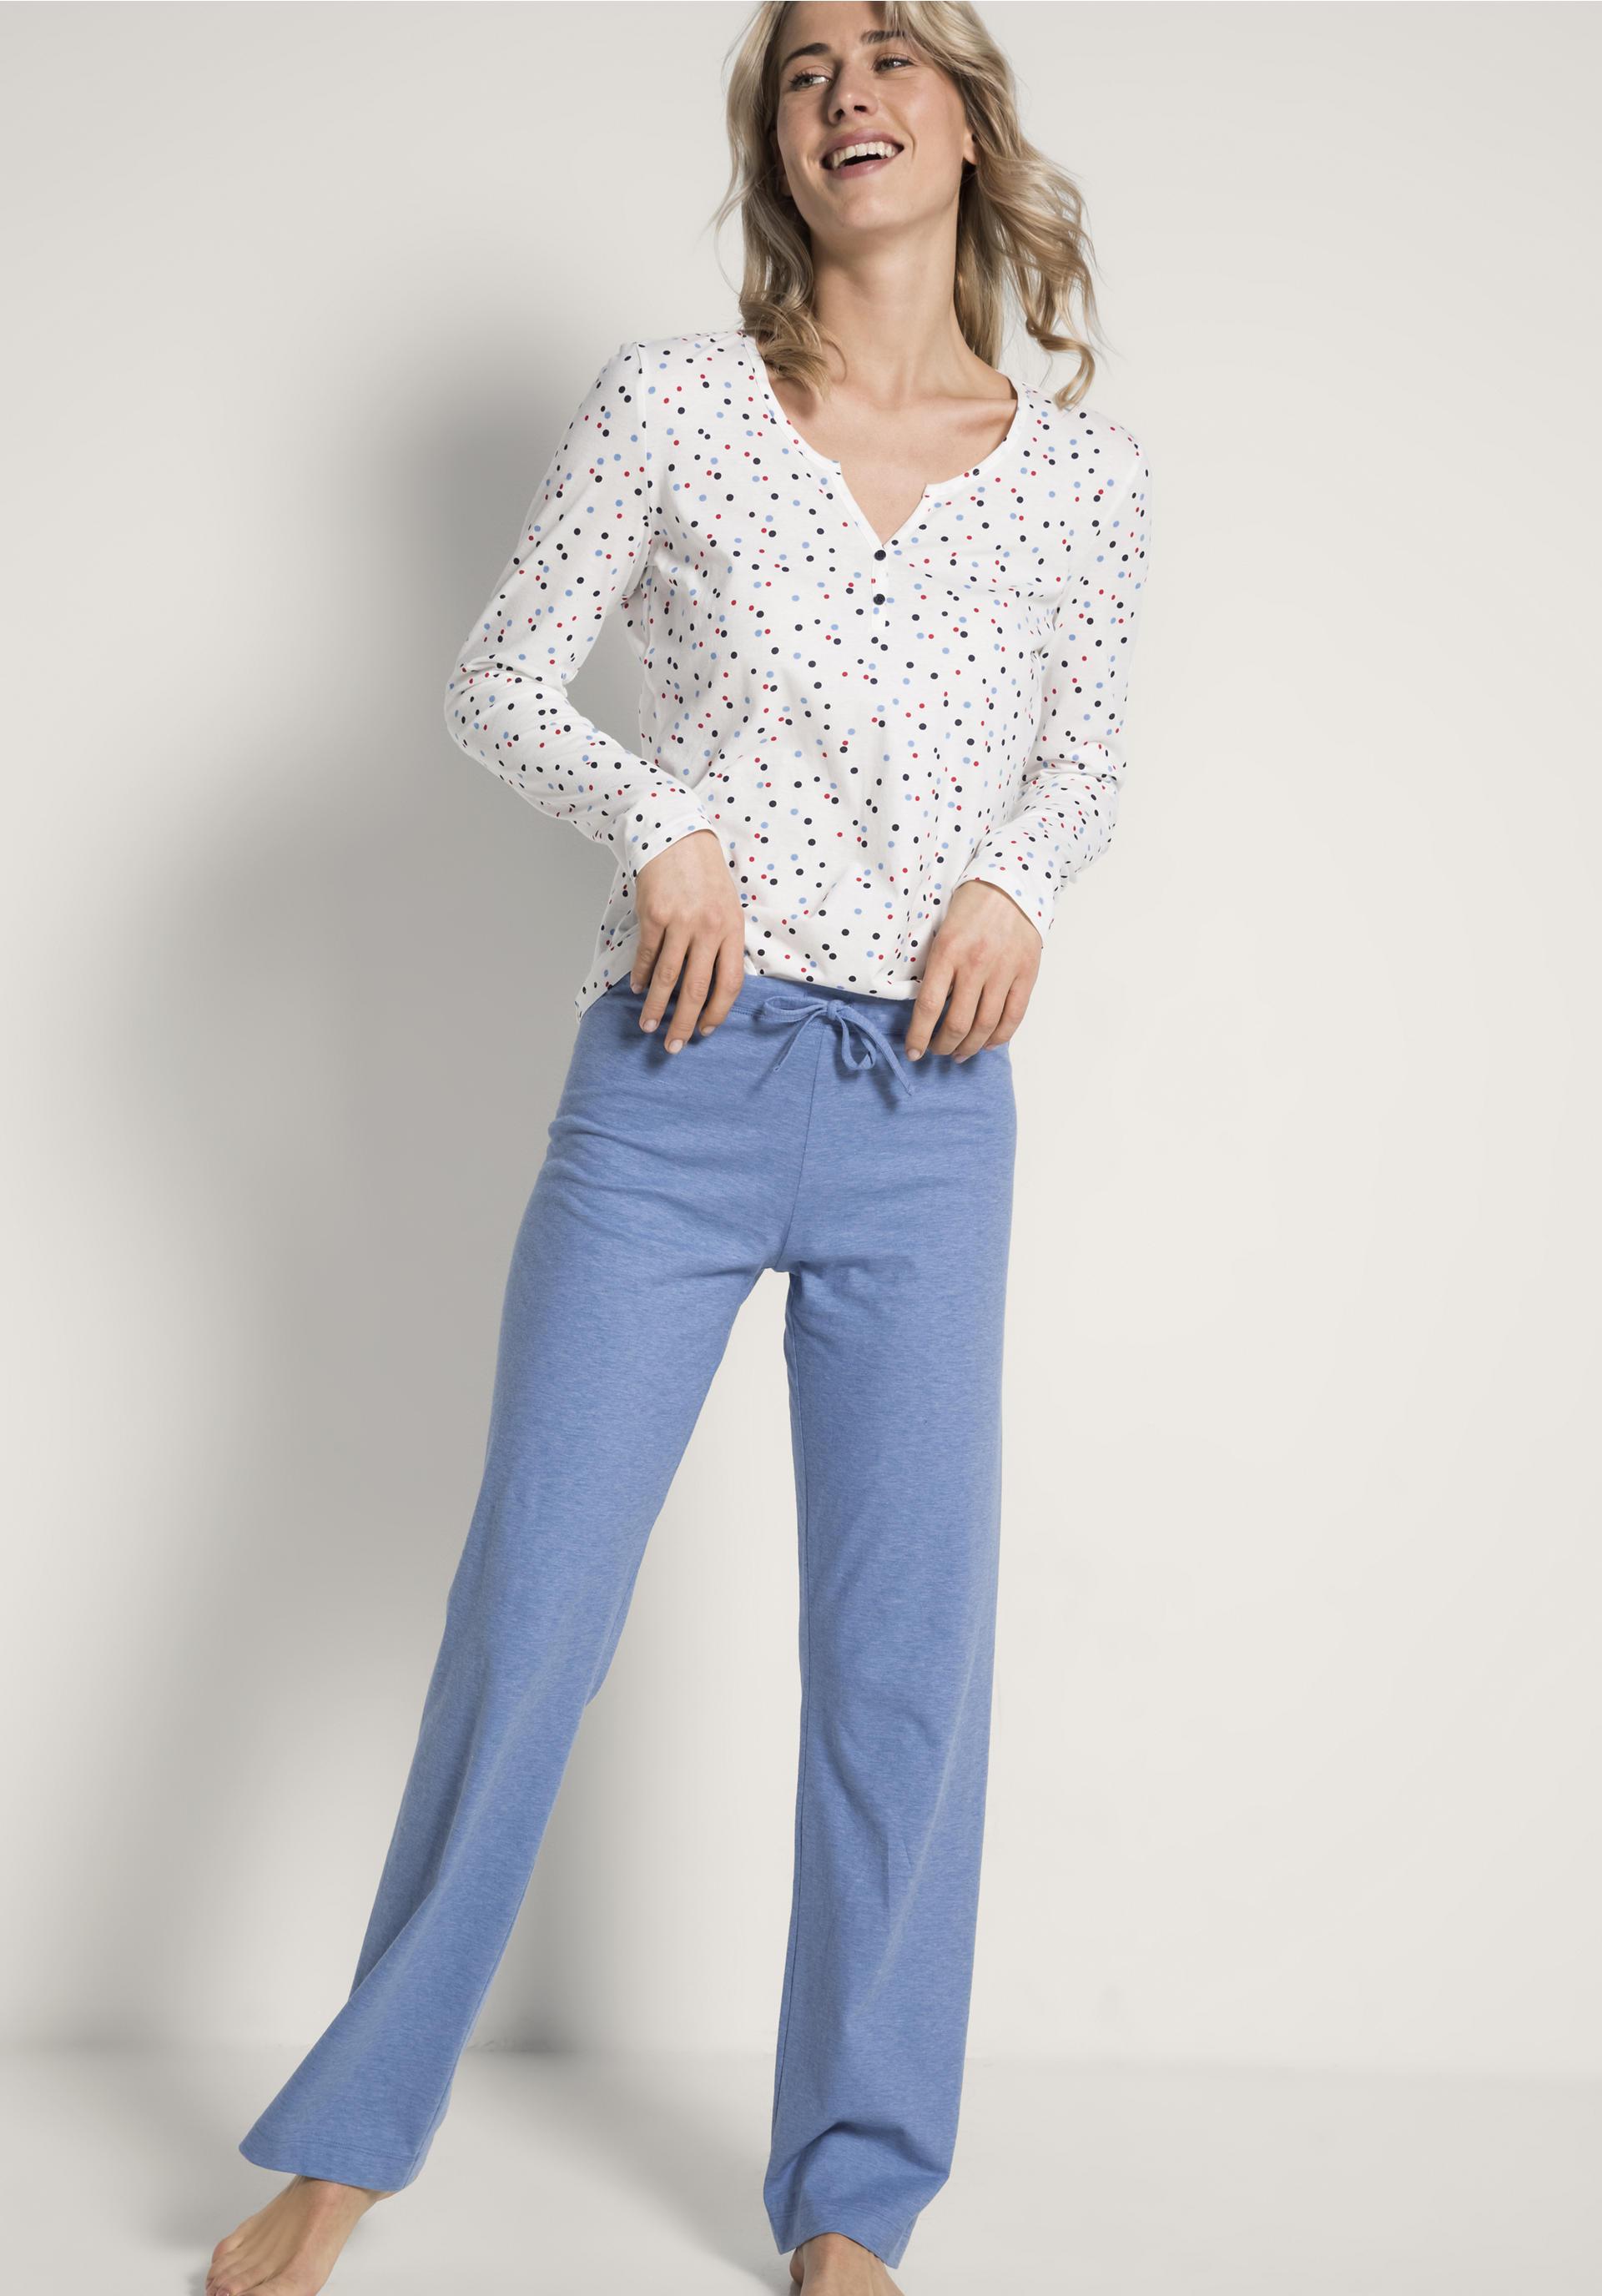 0af2a6983b Damen Pyjamahose aus reiner Bio-Baumwolle - hessnatur Deutschland